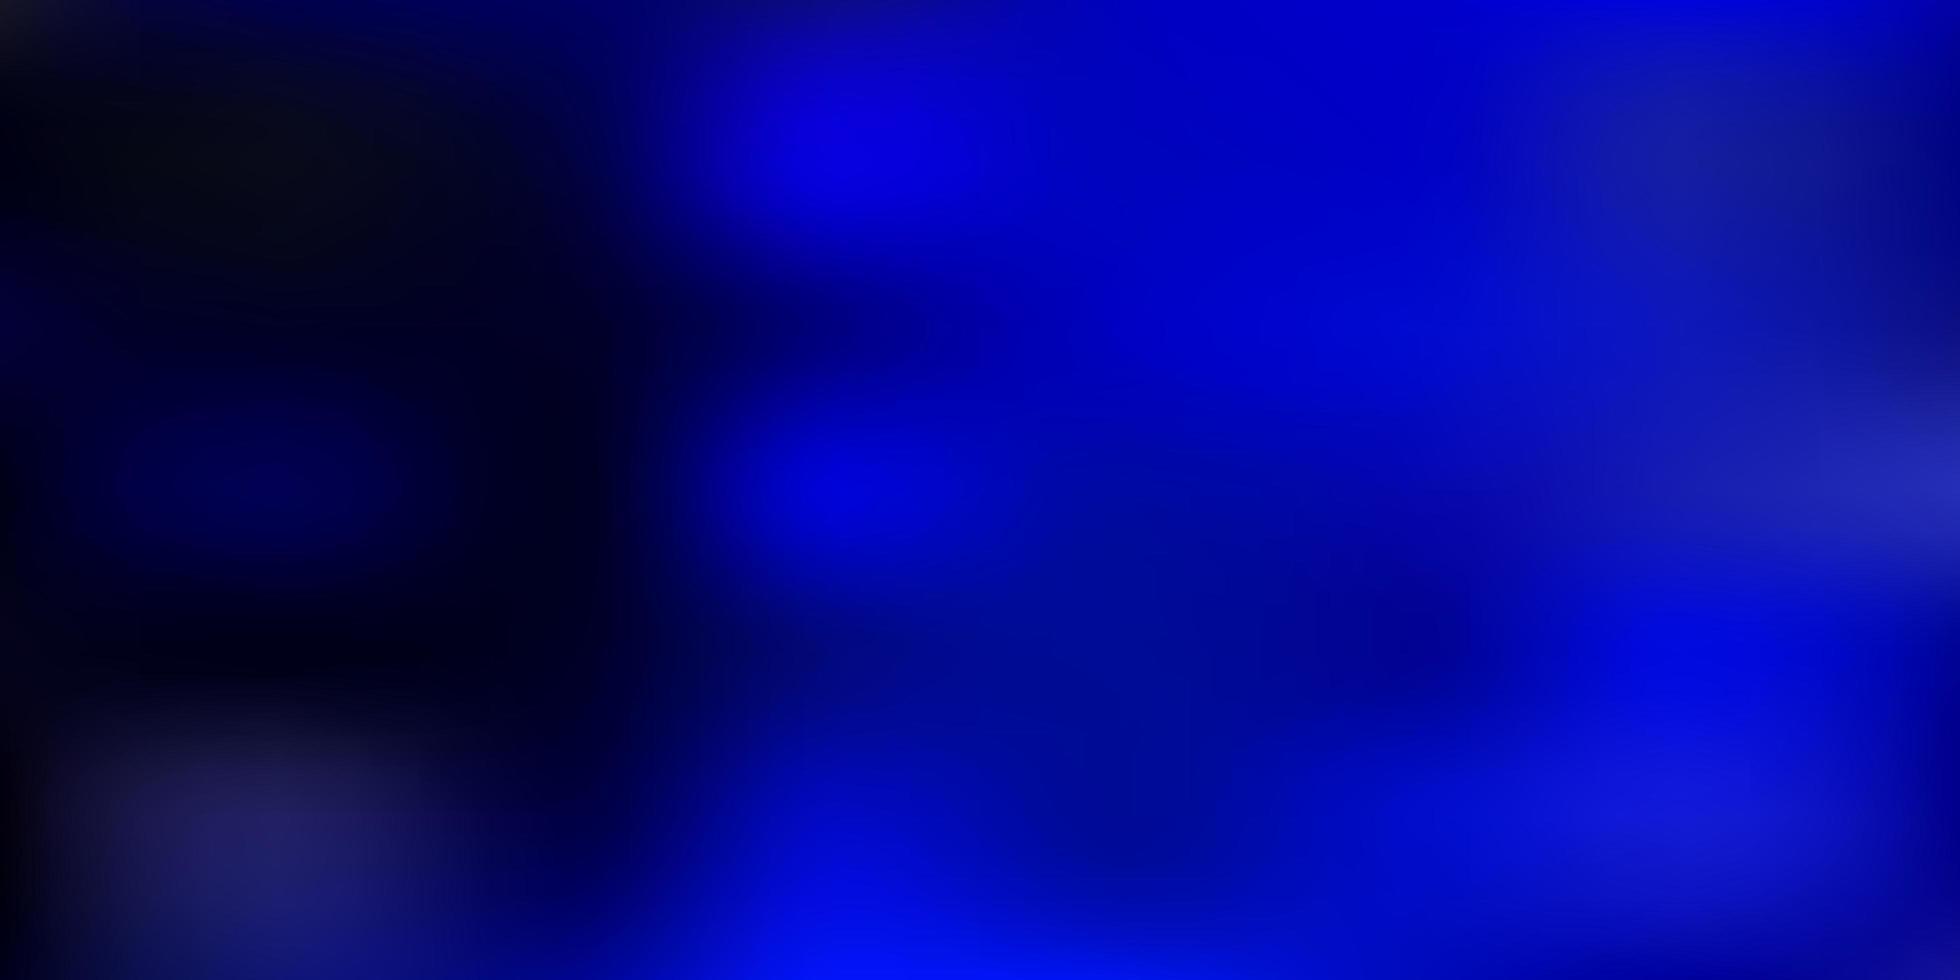 sfondo sfocatura astratta vettoriale blu scuro.